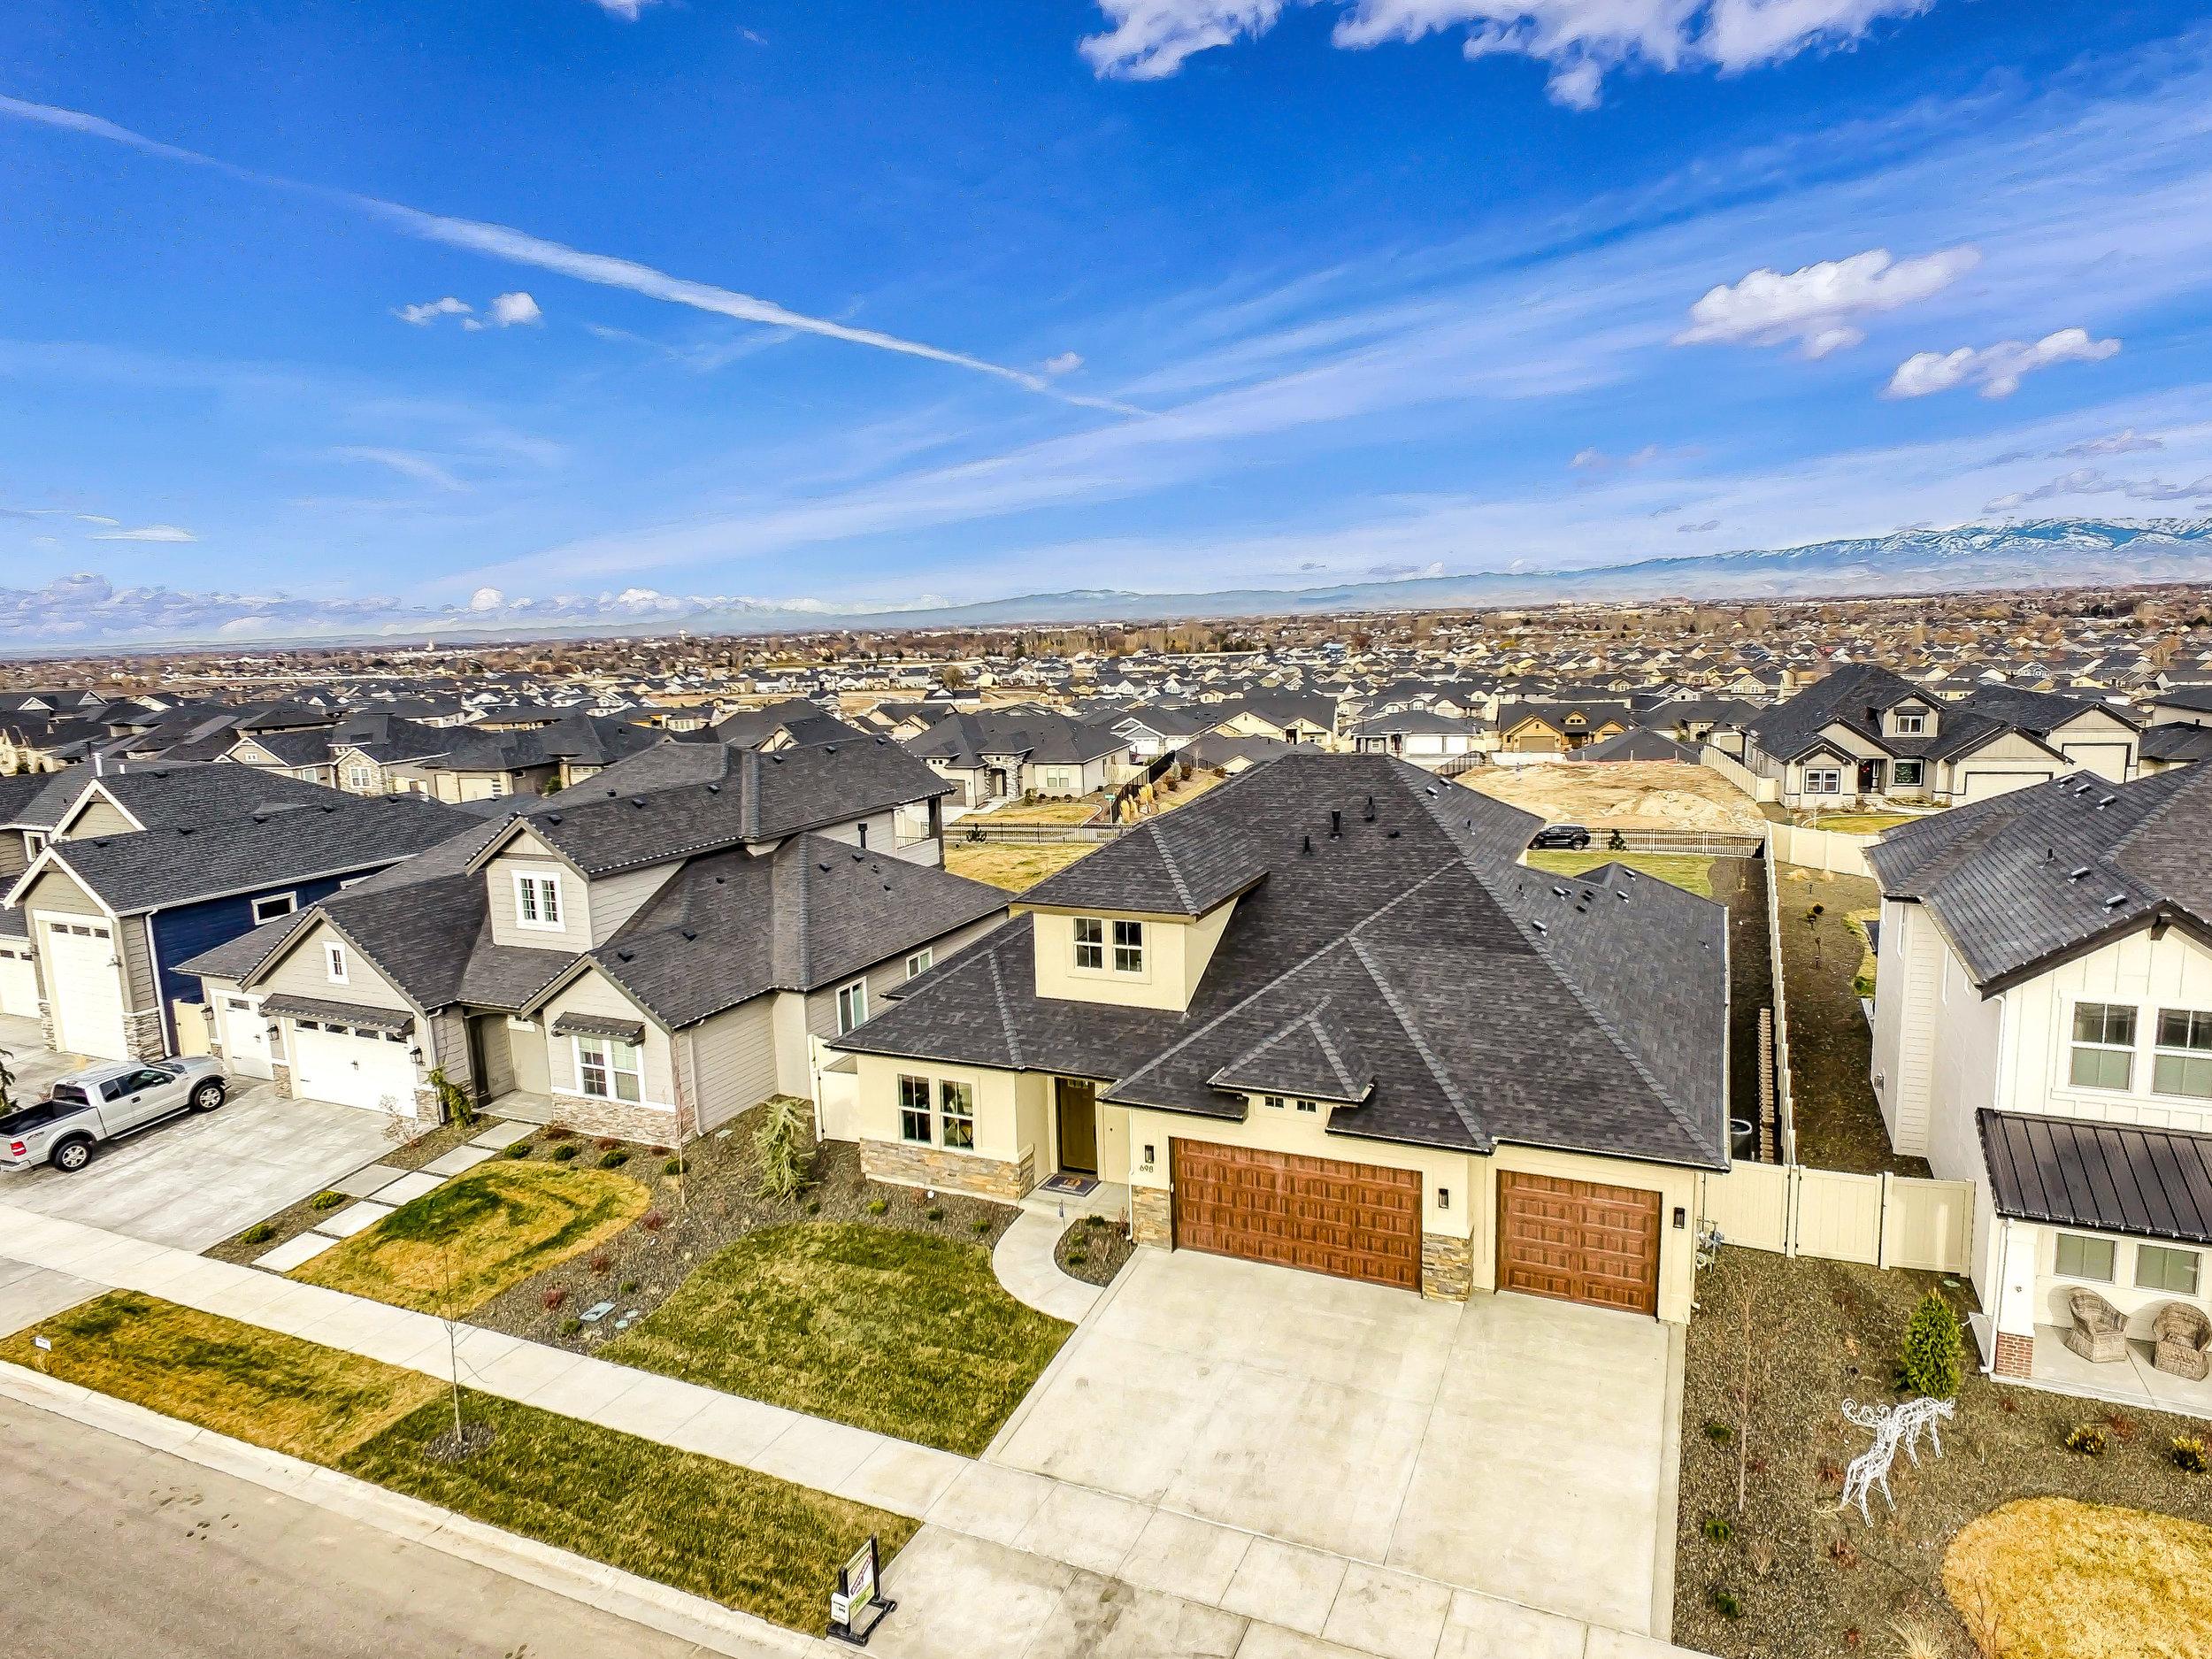 084_Aerial View.jpg